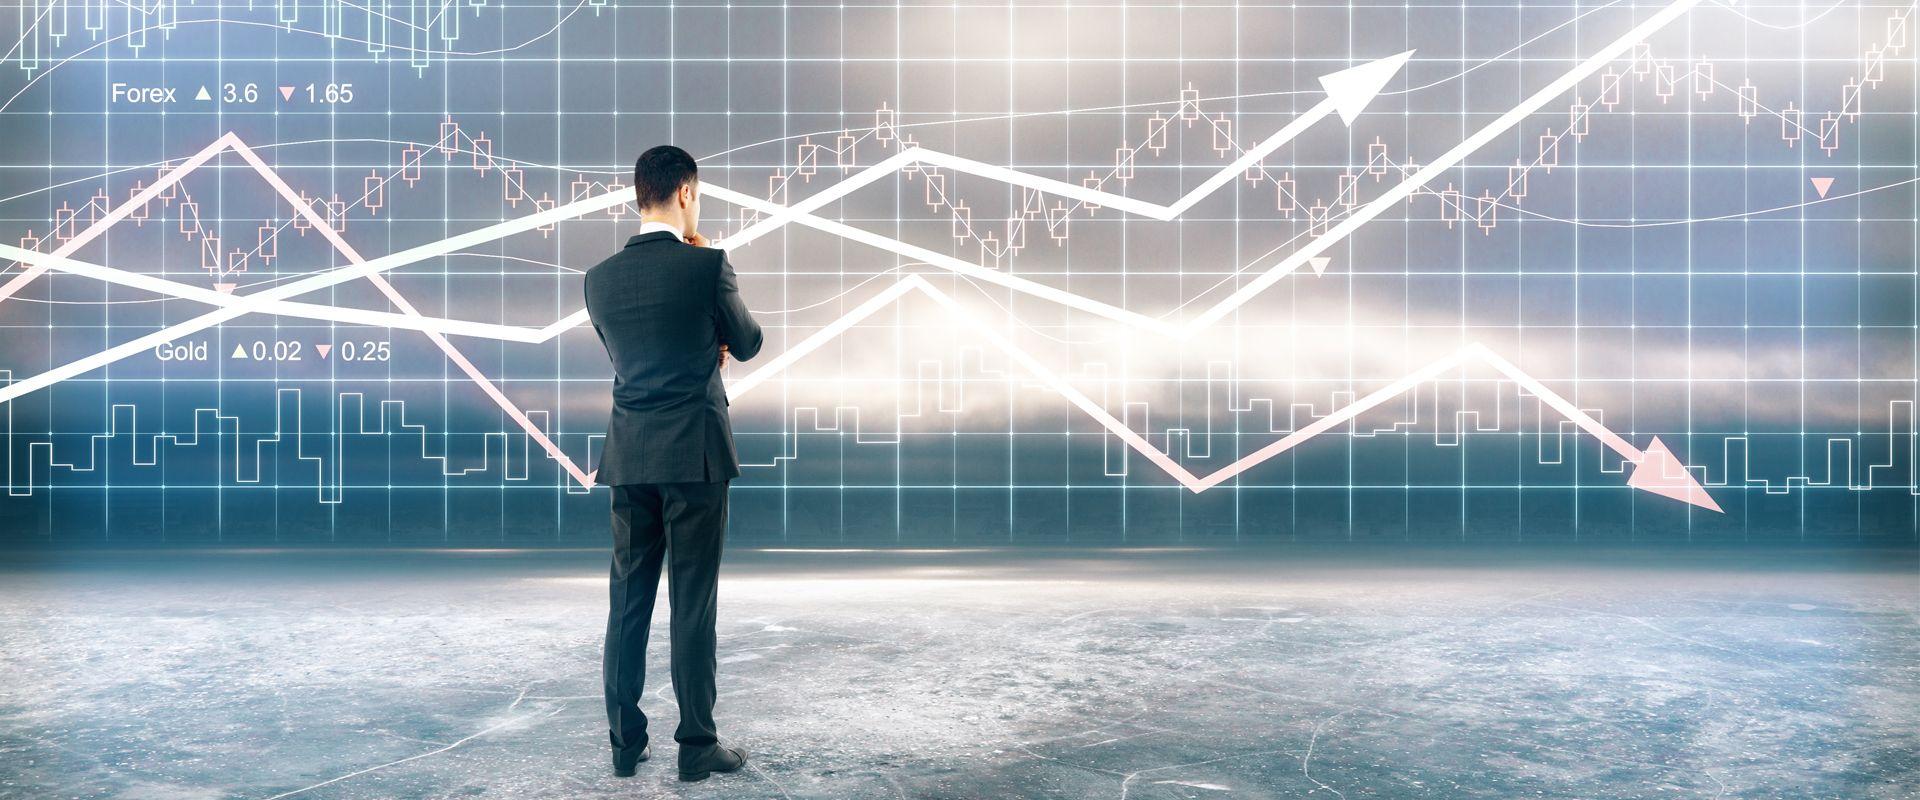 中弘股份之外,这只B股也危险了!连续12日收盘价低于1元,年内股价暴跌60%